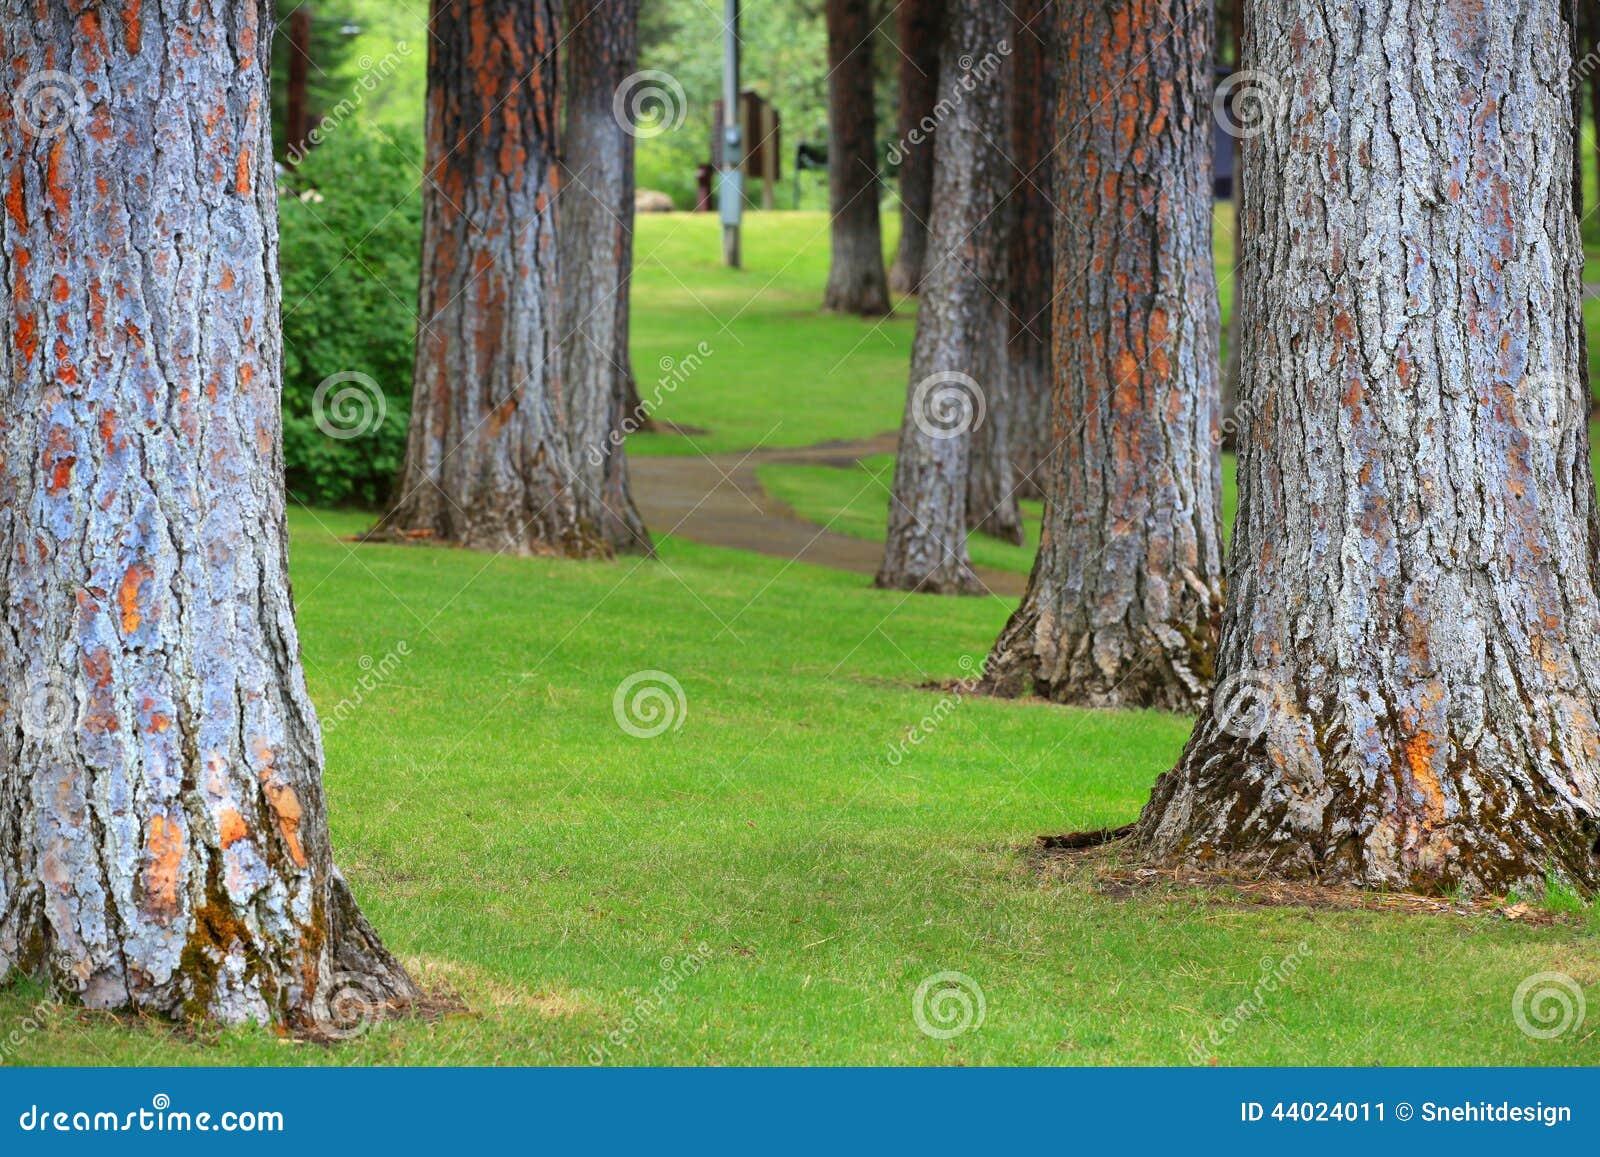 Troncos de árboles altos